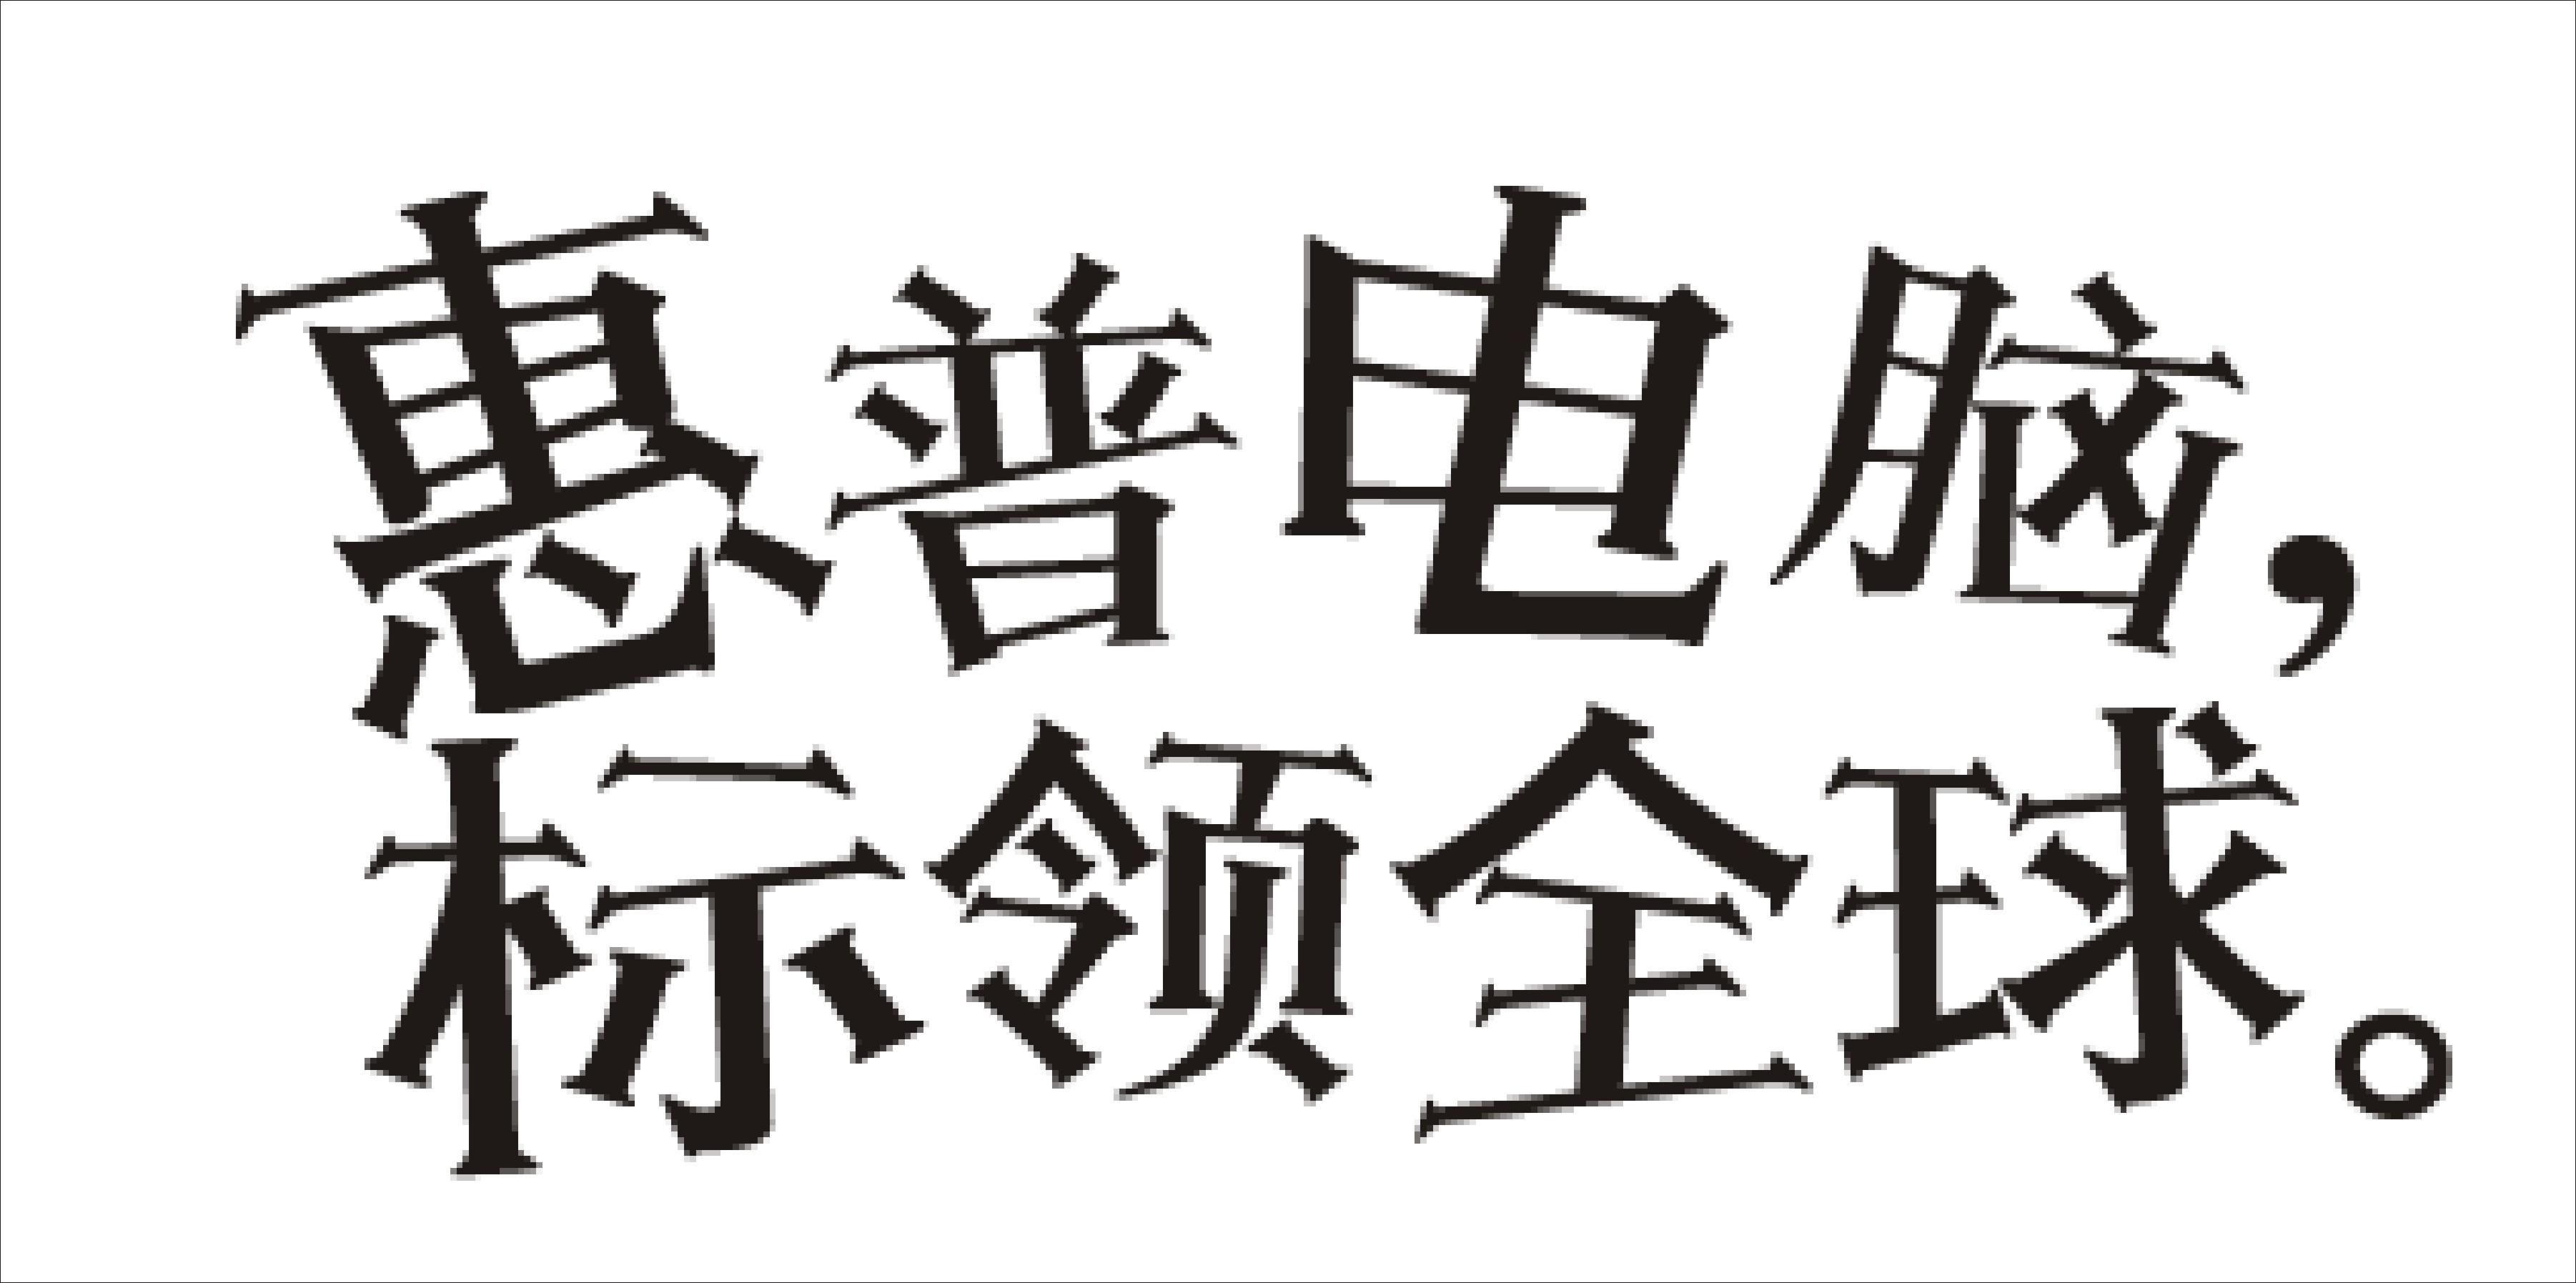 个性字体转换器_生成_艺术字体在线转换_pop字体转换器在线转换_艺术字转换器在线转换